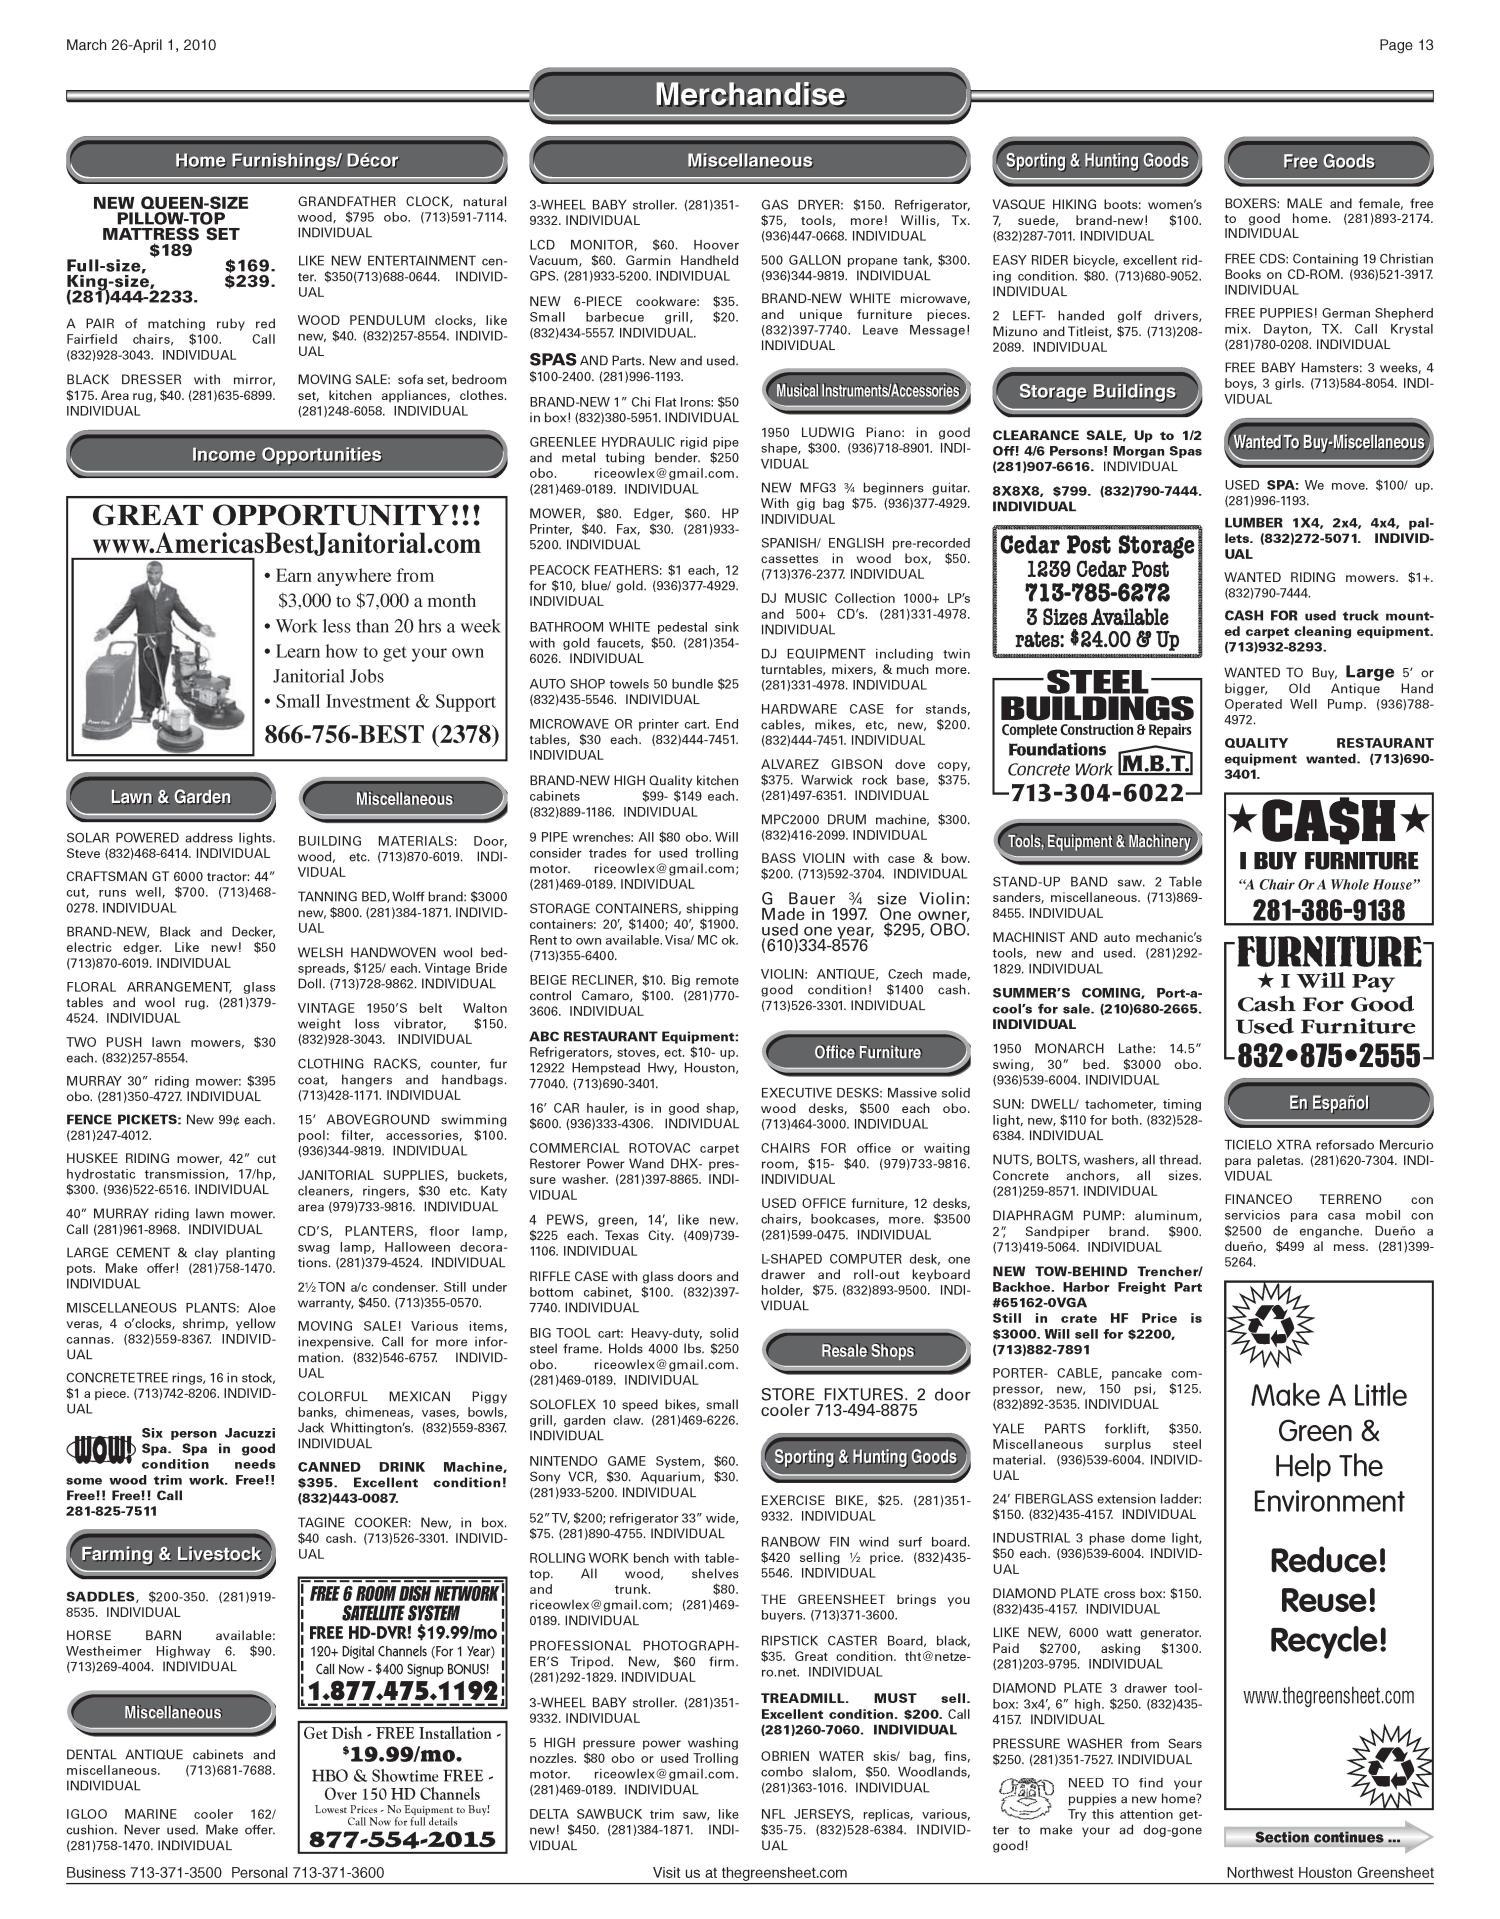 The Greensheet (Houston, Tex ), Vol  41, No  95, Ed  1